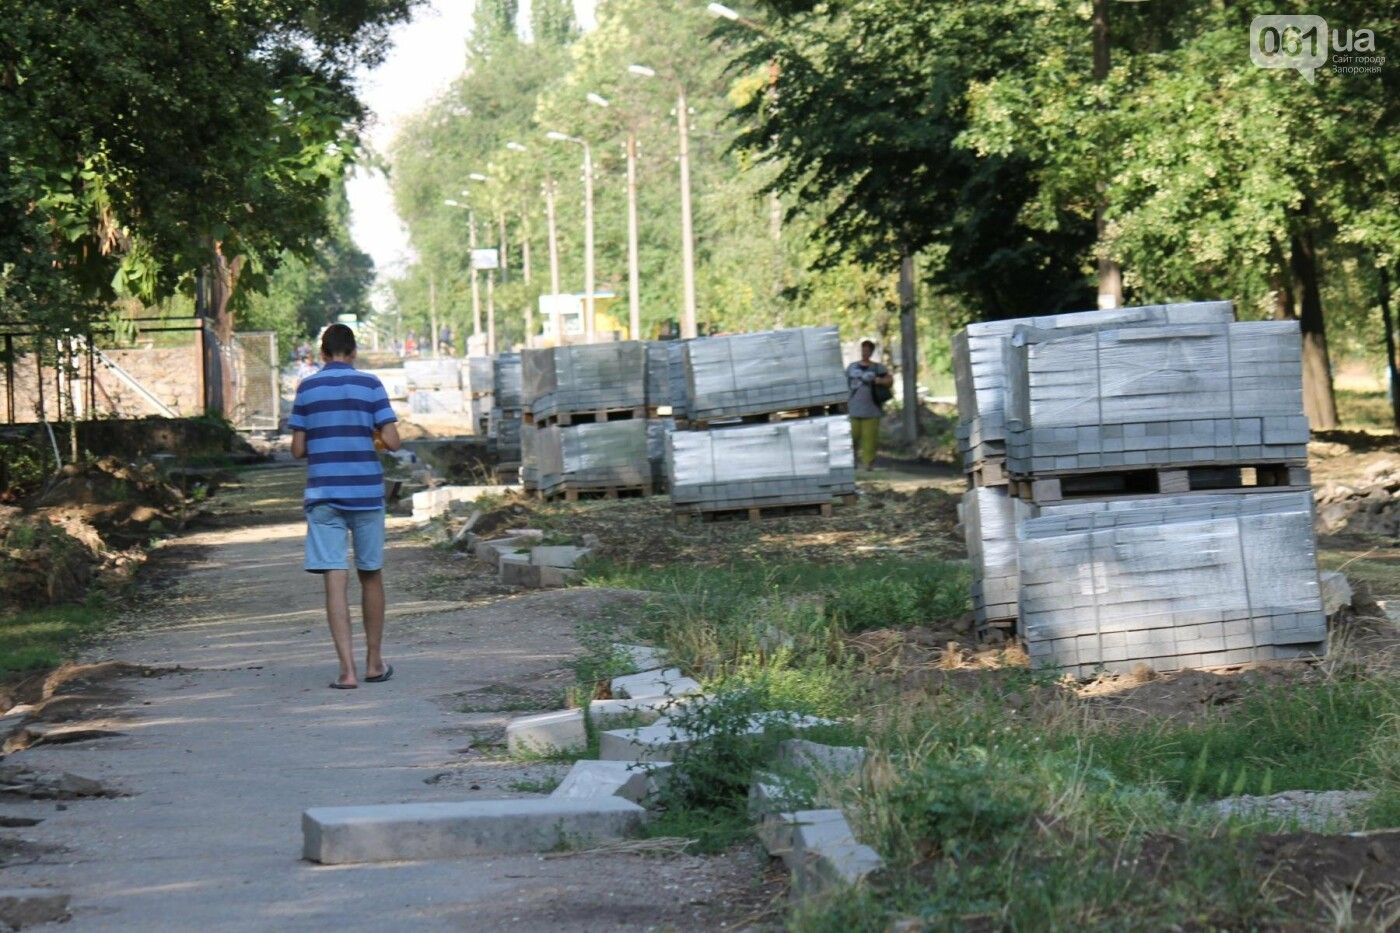 В Запорожье спешат до конца лета закончить реконструкцию аллеи на Якова Новицкого: на каком этапе работы, – ФОТОРЕПОРТАЖ, фото-17